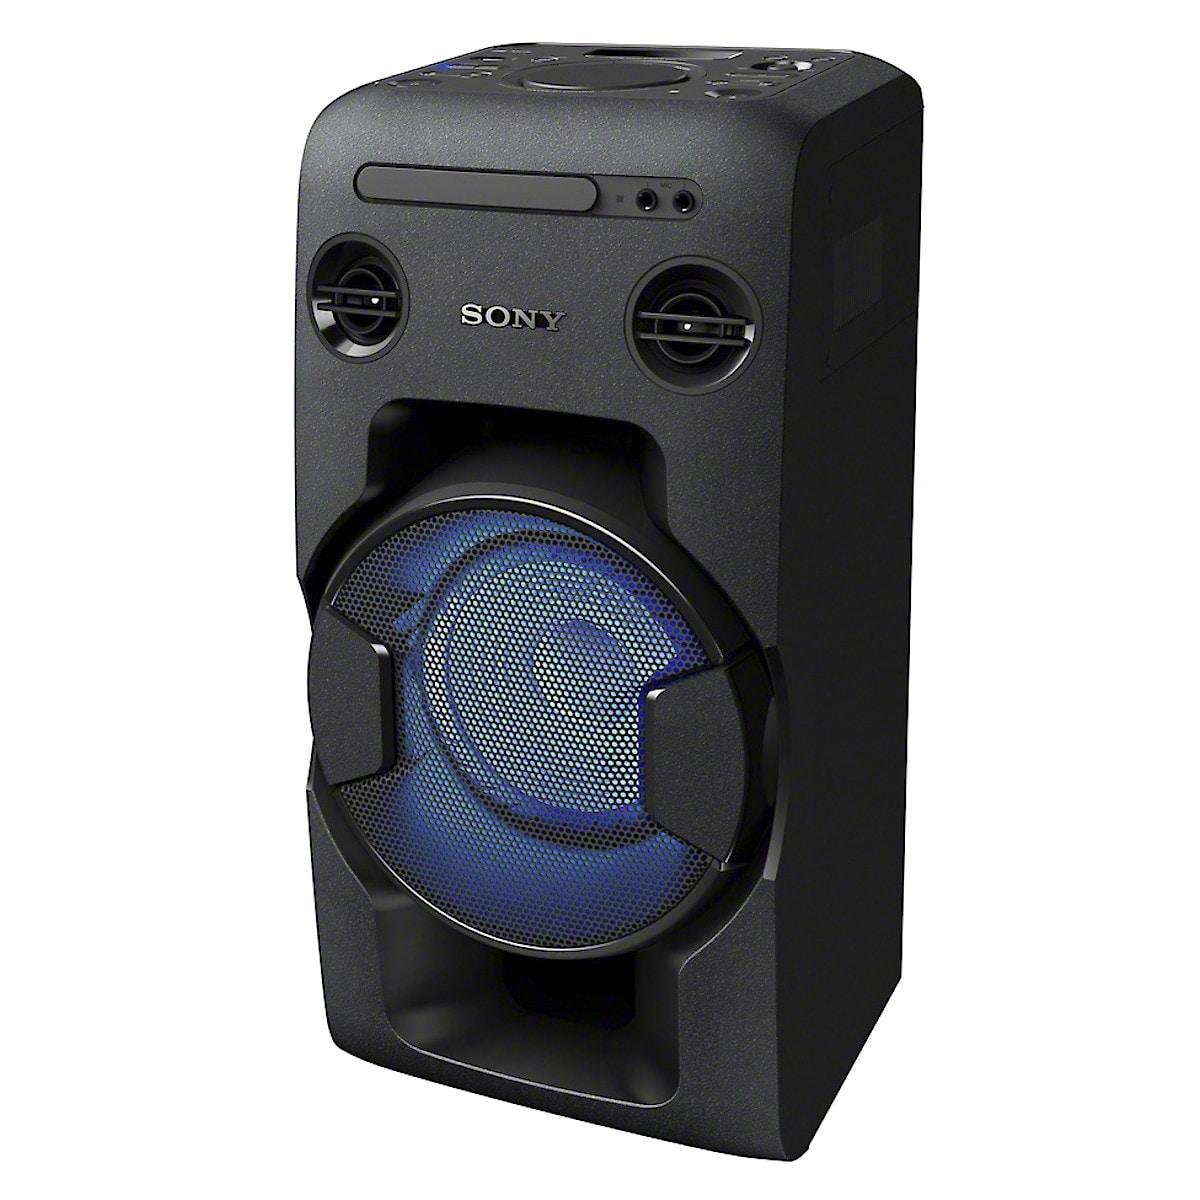 Högtalare Sony MHC-V11